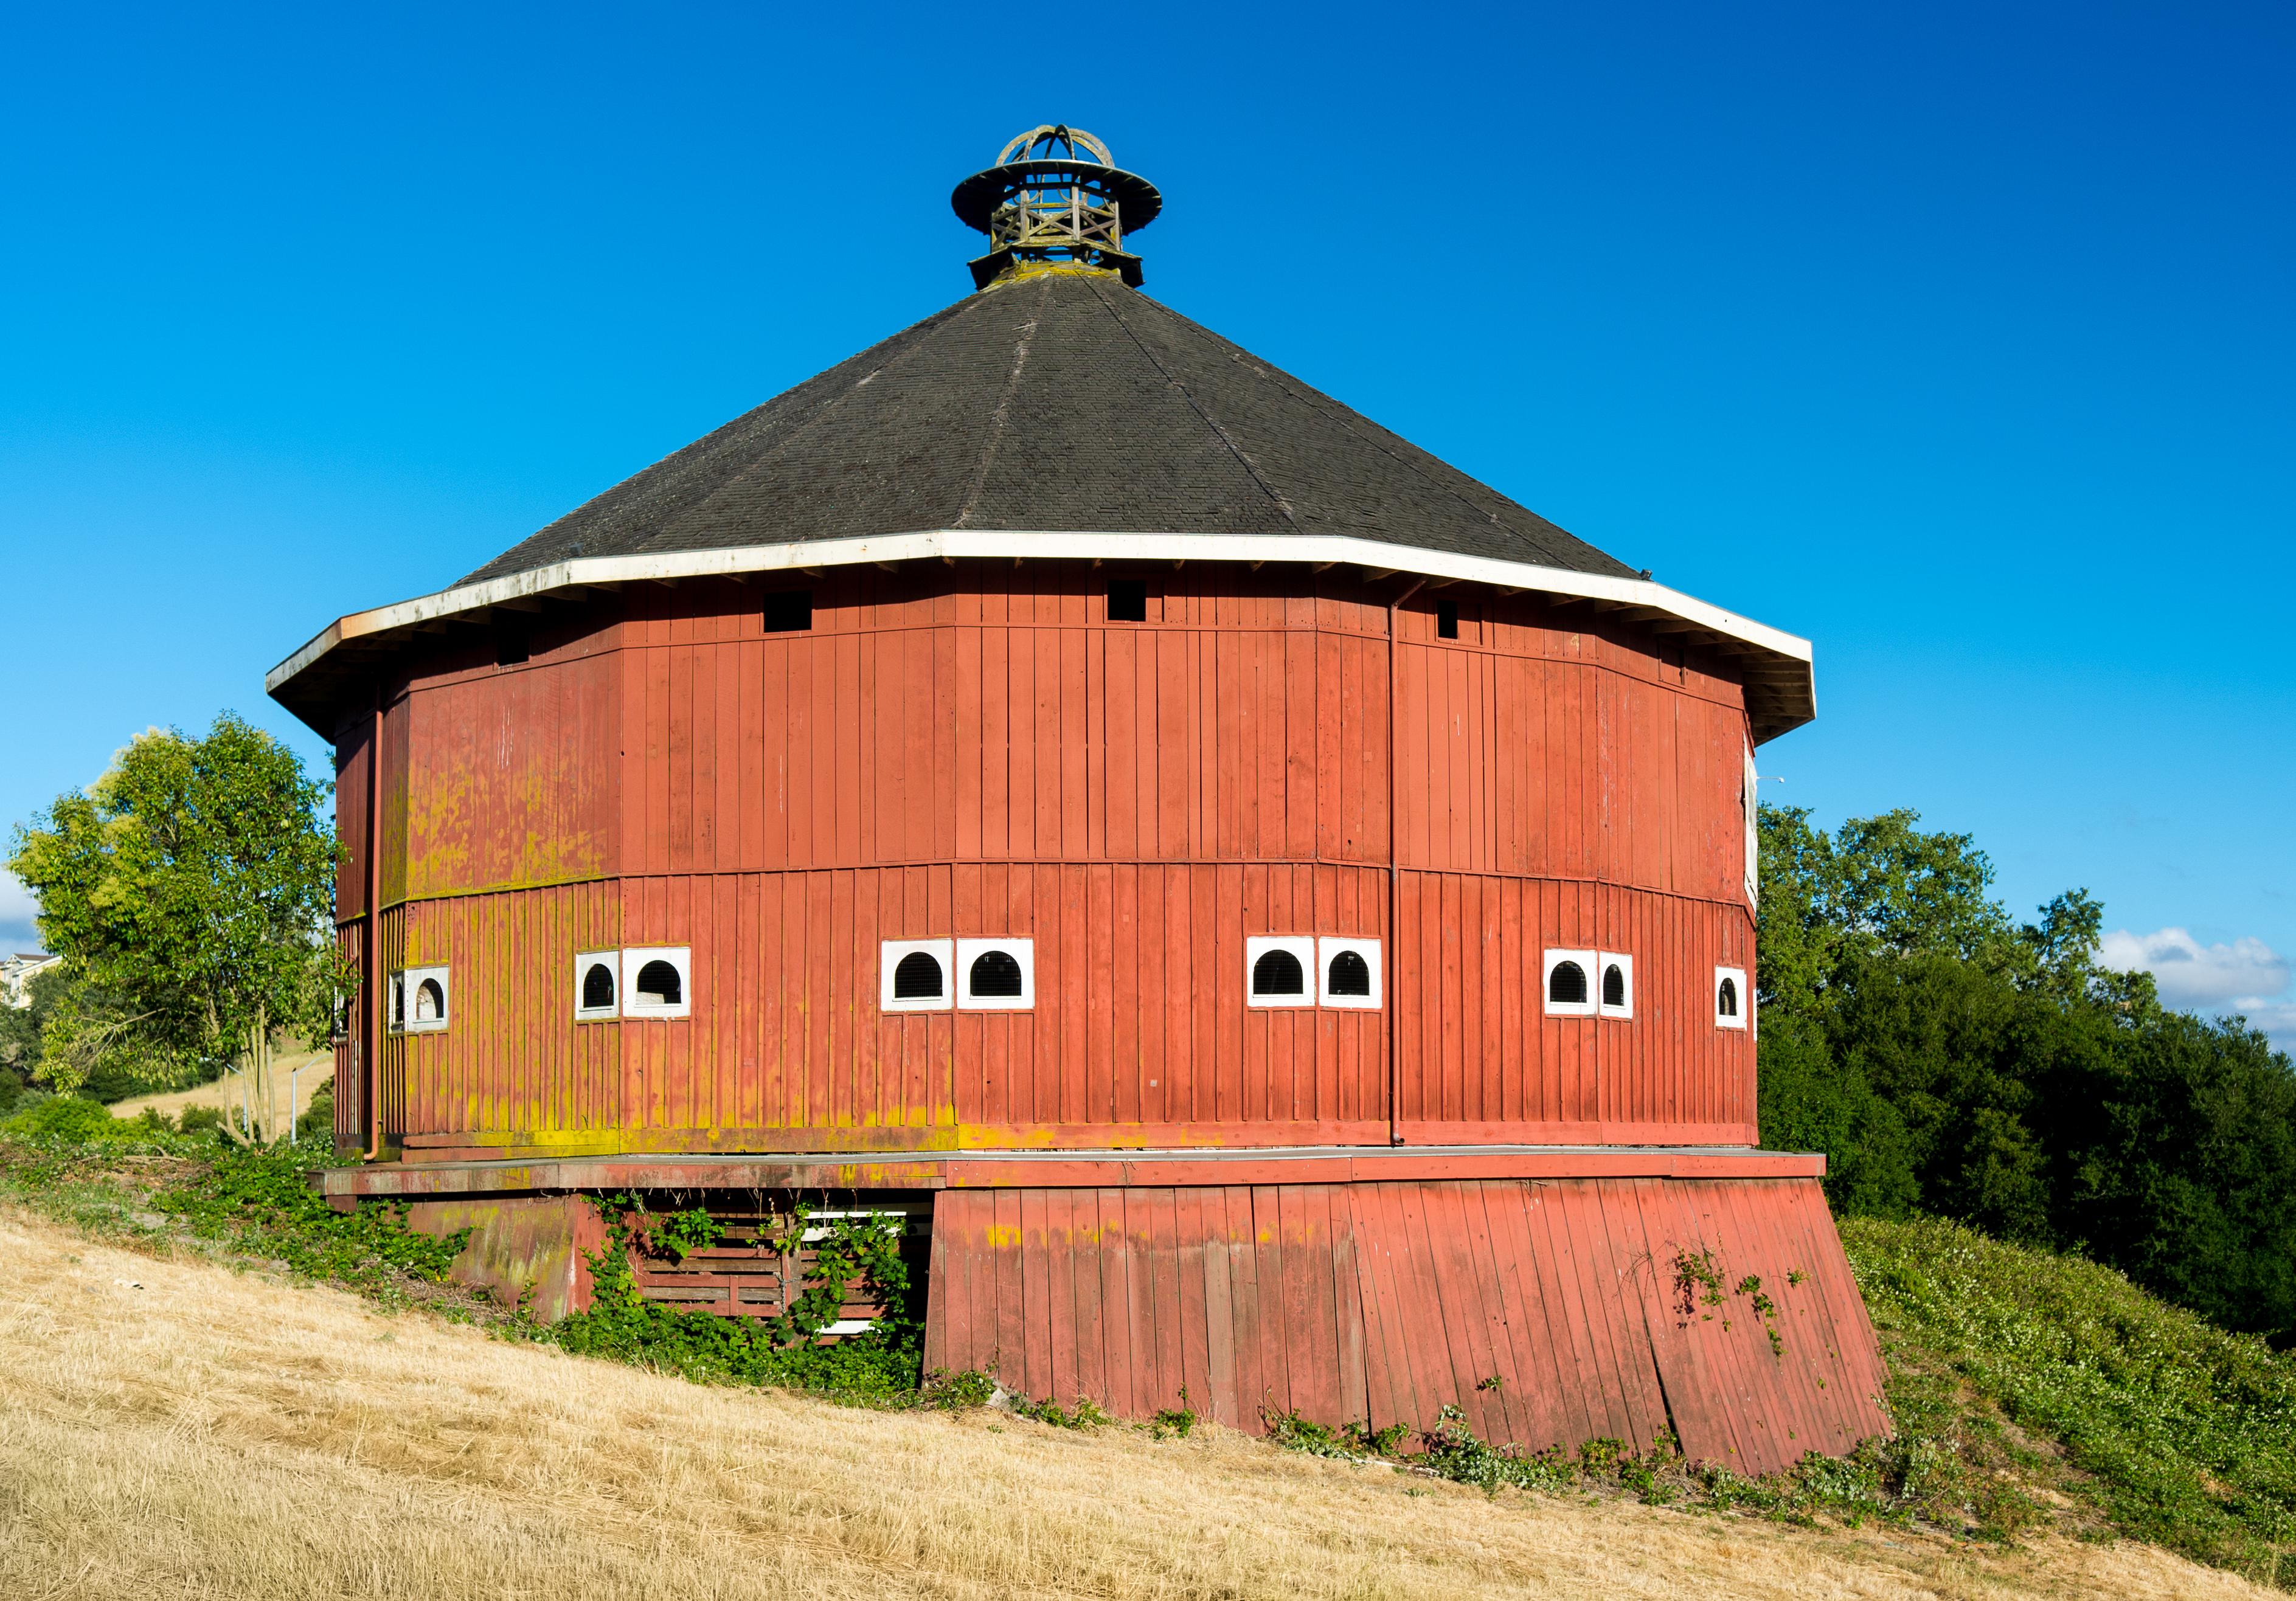 File:Fountaingrove Round Barn.jpg - Wikimedia Commons